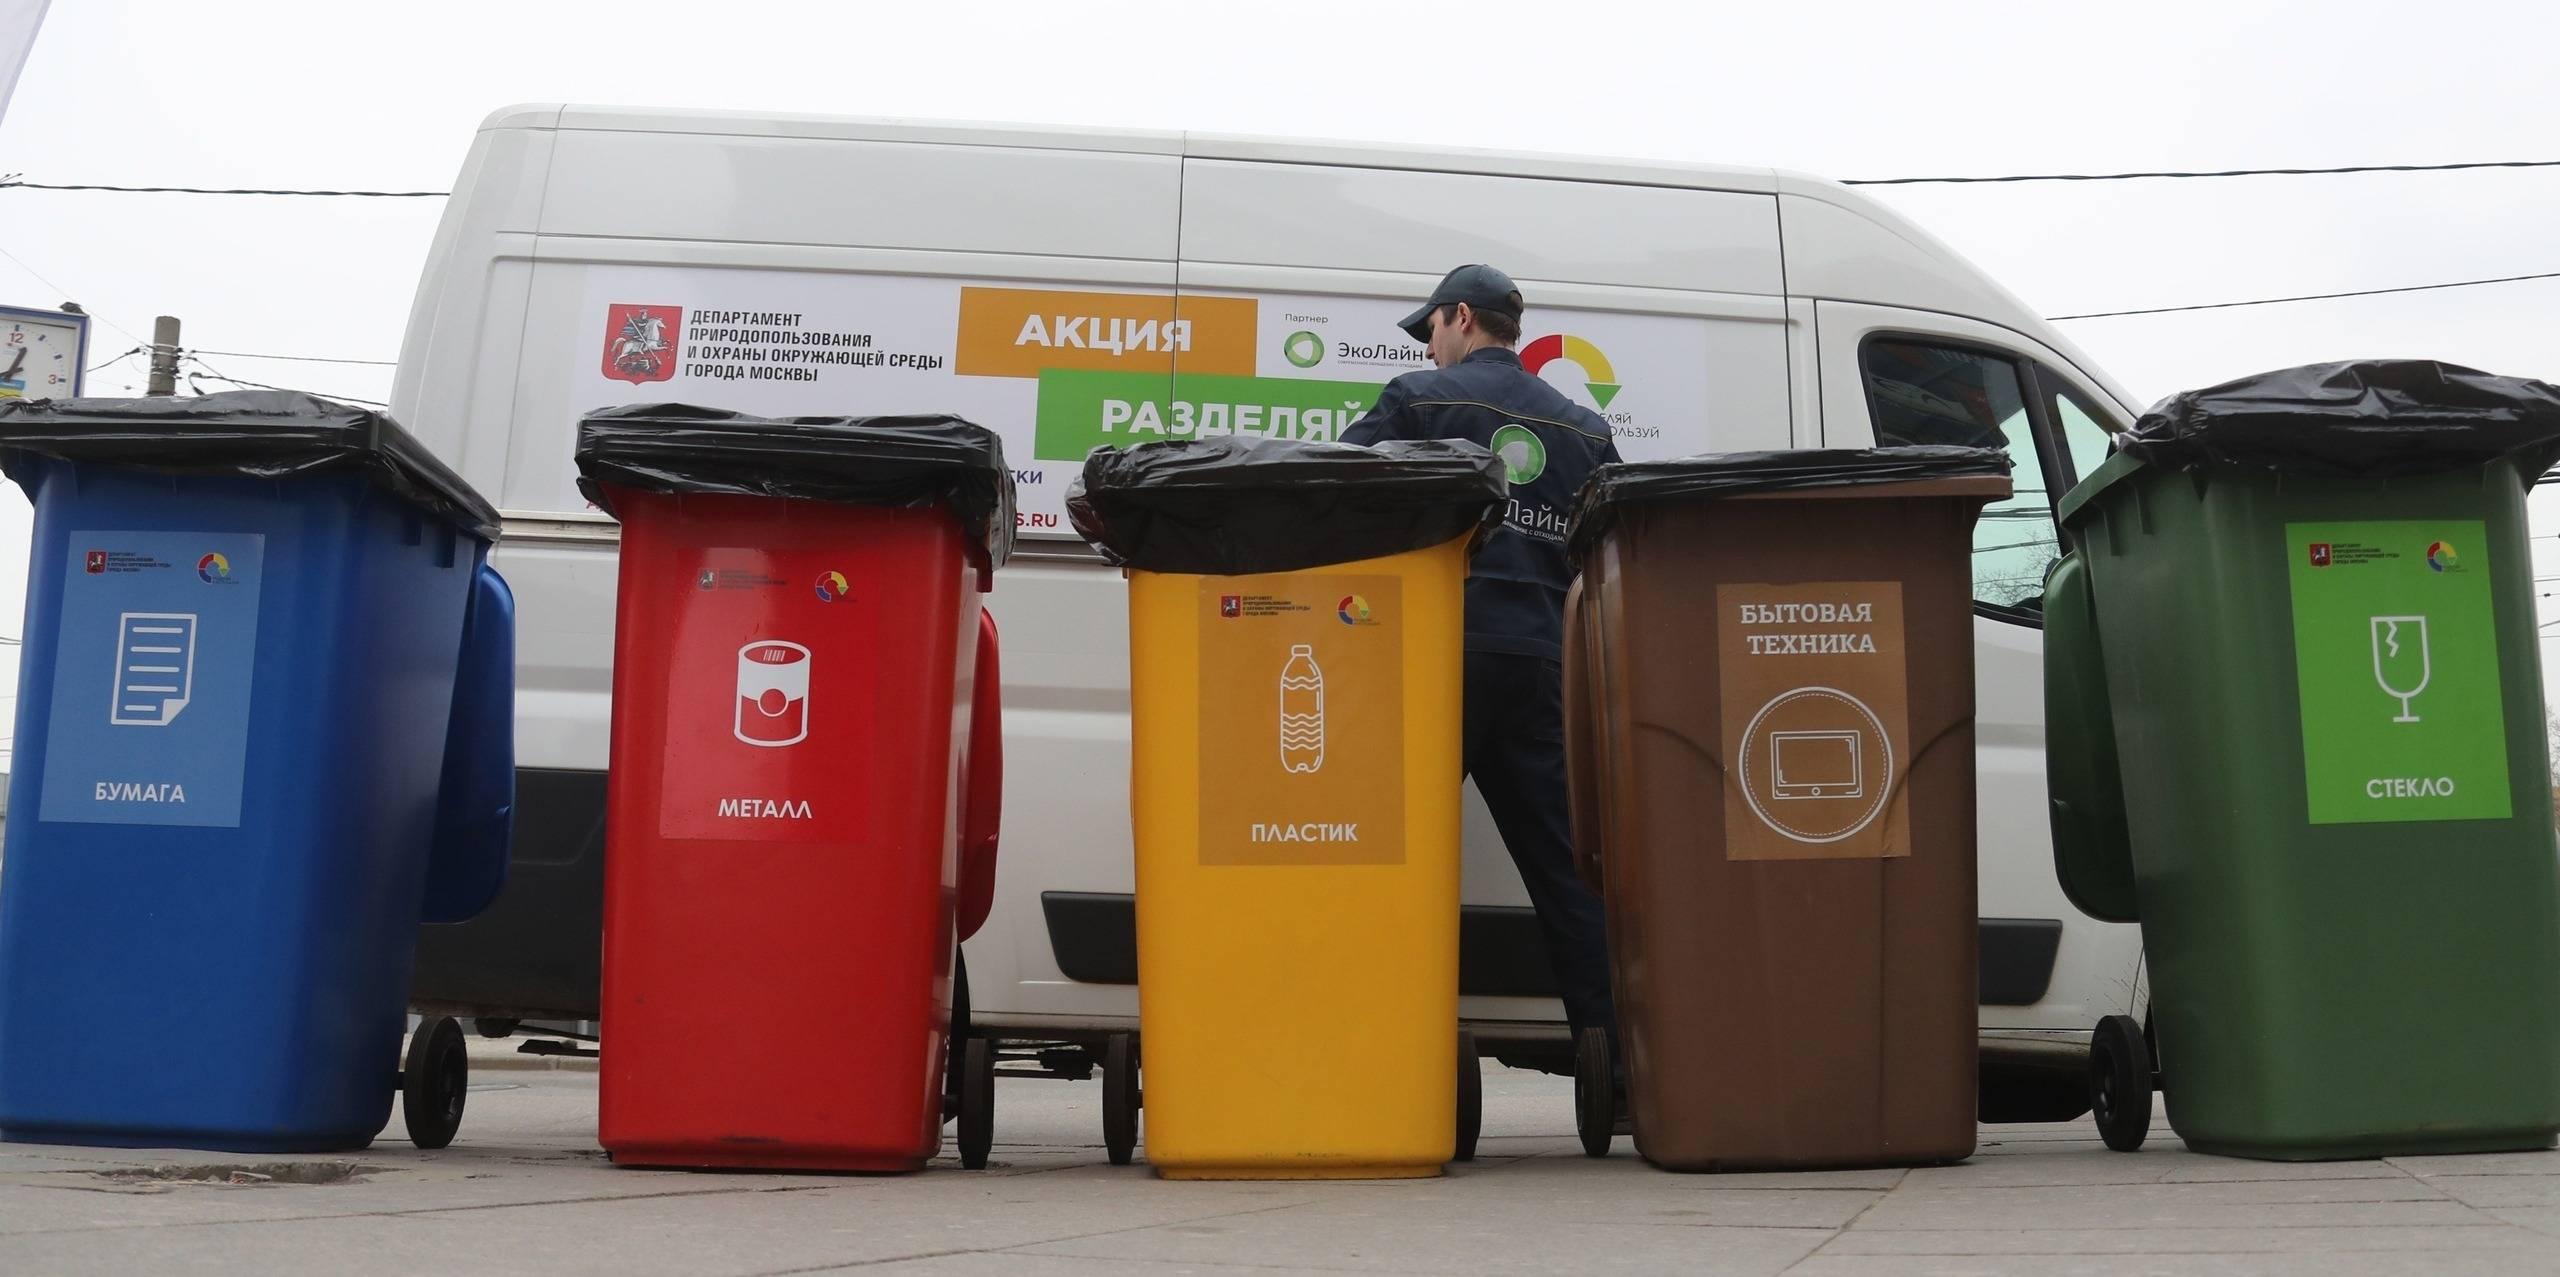 Как в скандинавии собирают, перерабатывают и сжигают мусор - recycle